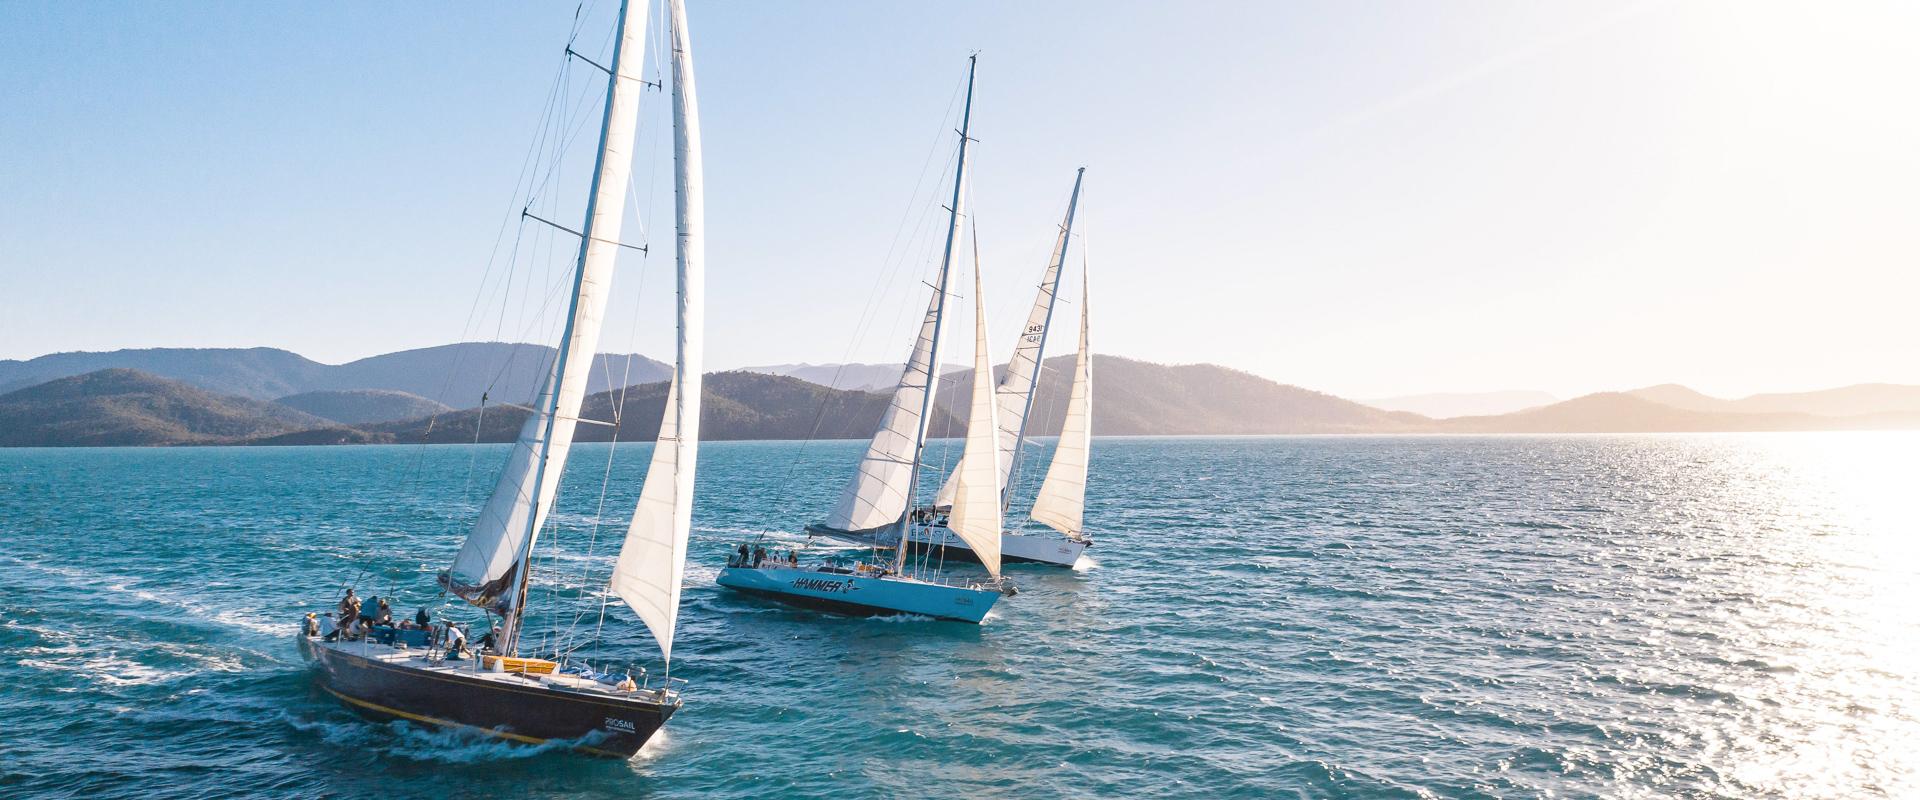 Whitsundays cruise with Prosail